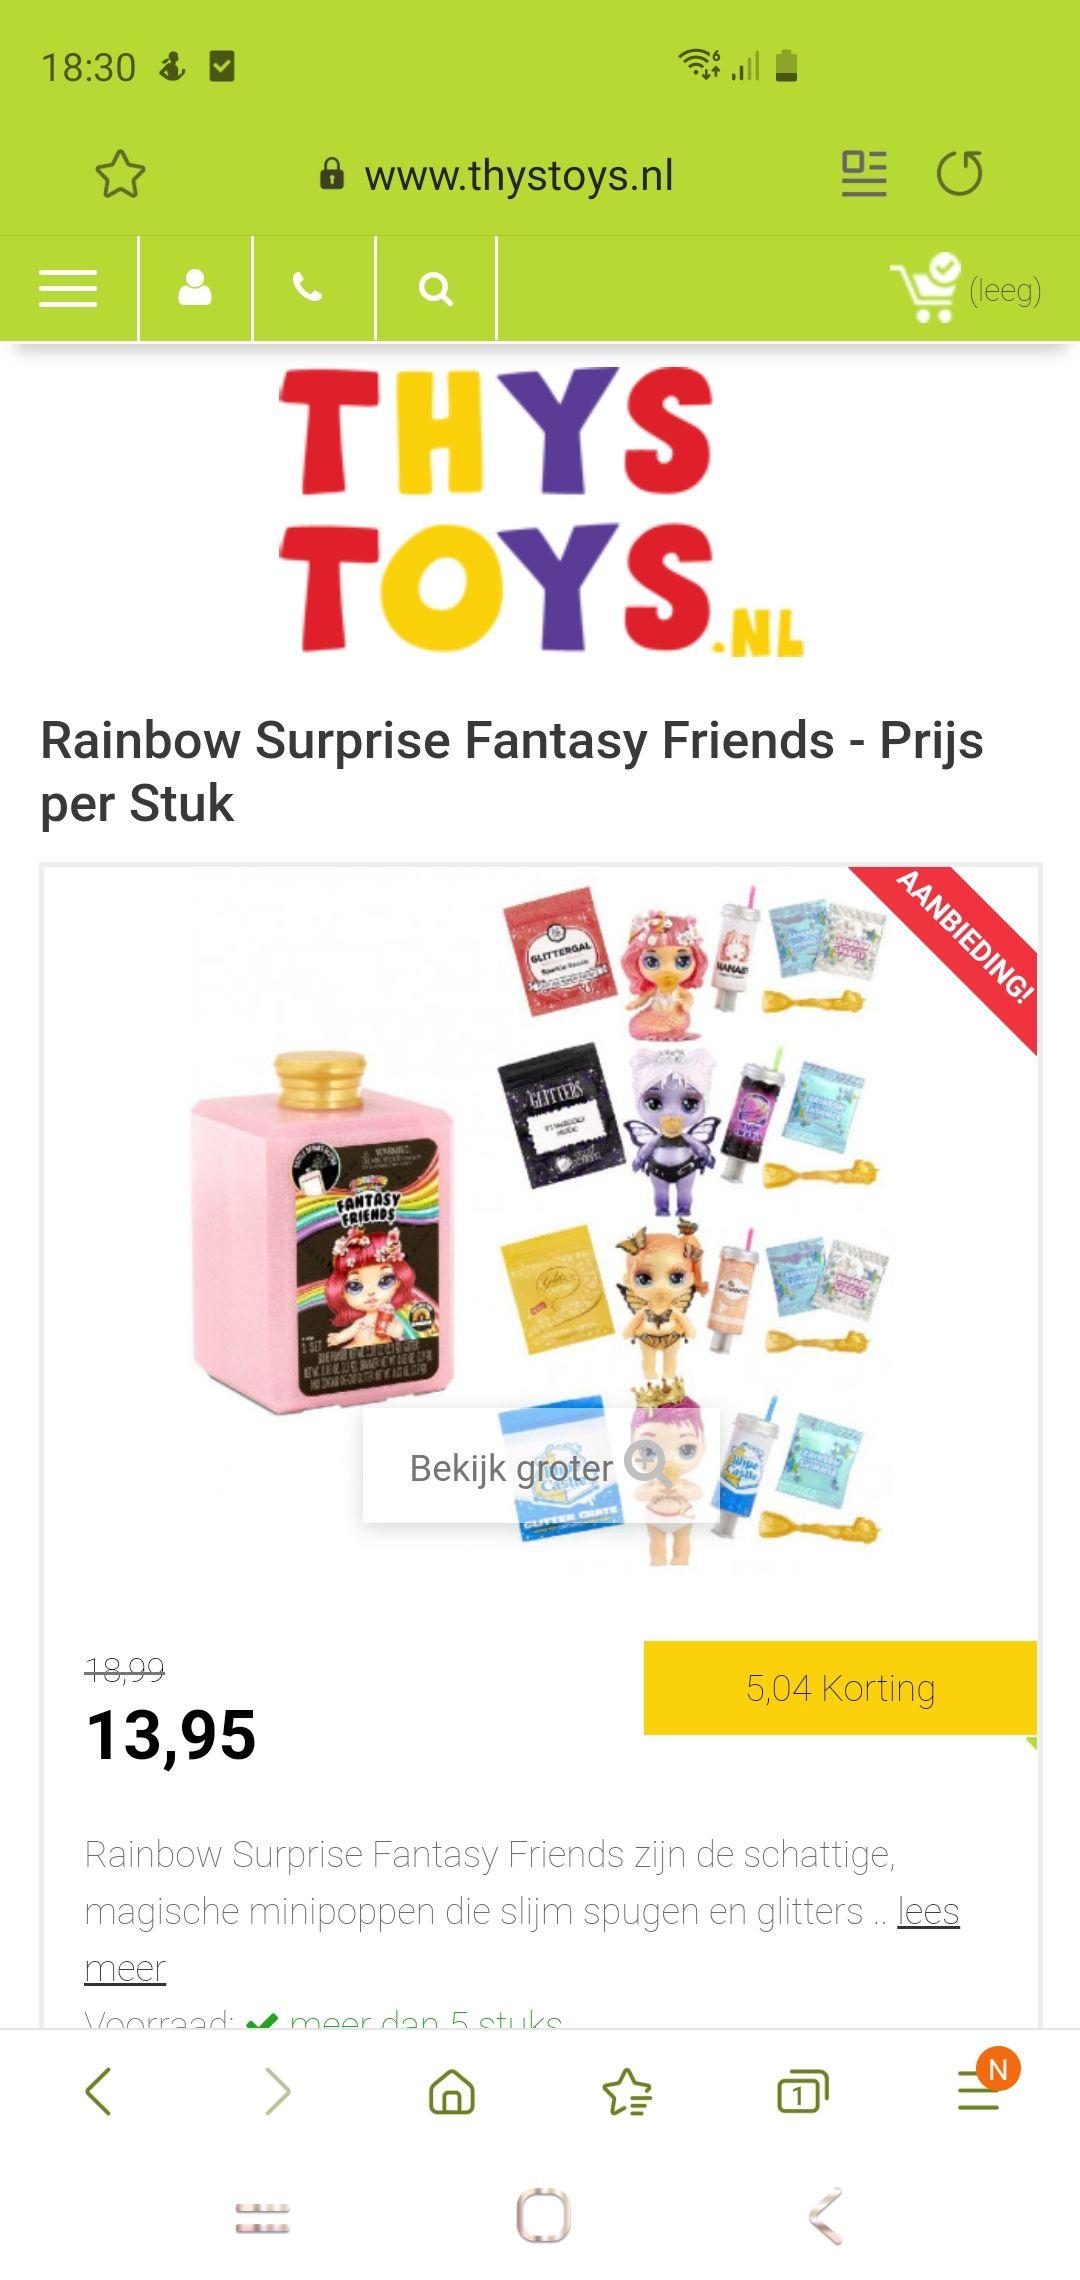 Fantasy friends nu bij Kruidvat 5.99. Elders stukken duurder. Alleen bij de Kruidvat zelf. Online ook nu